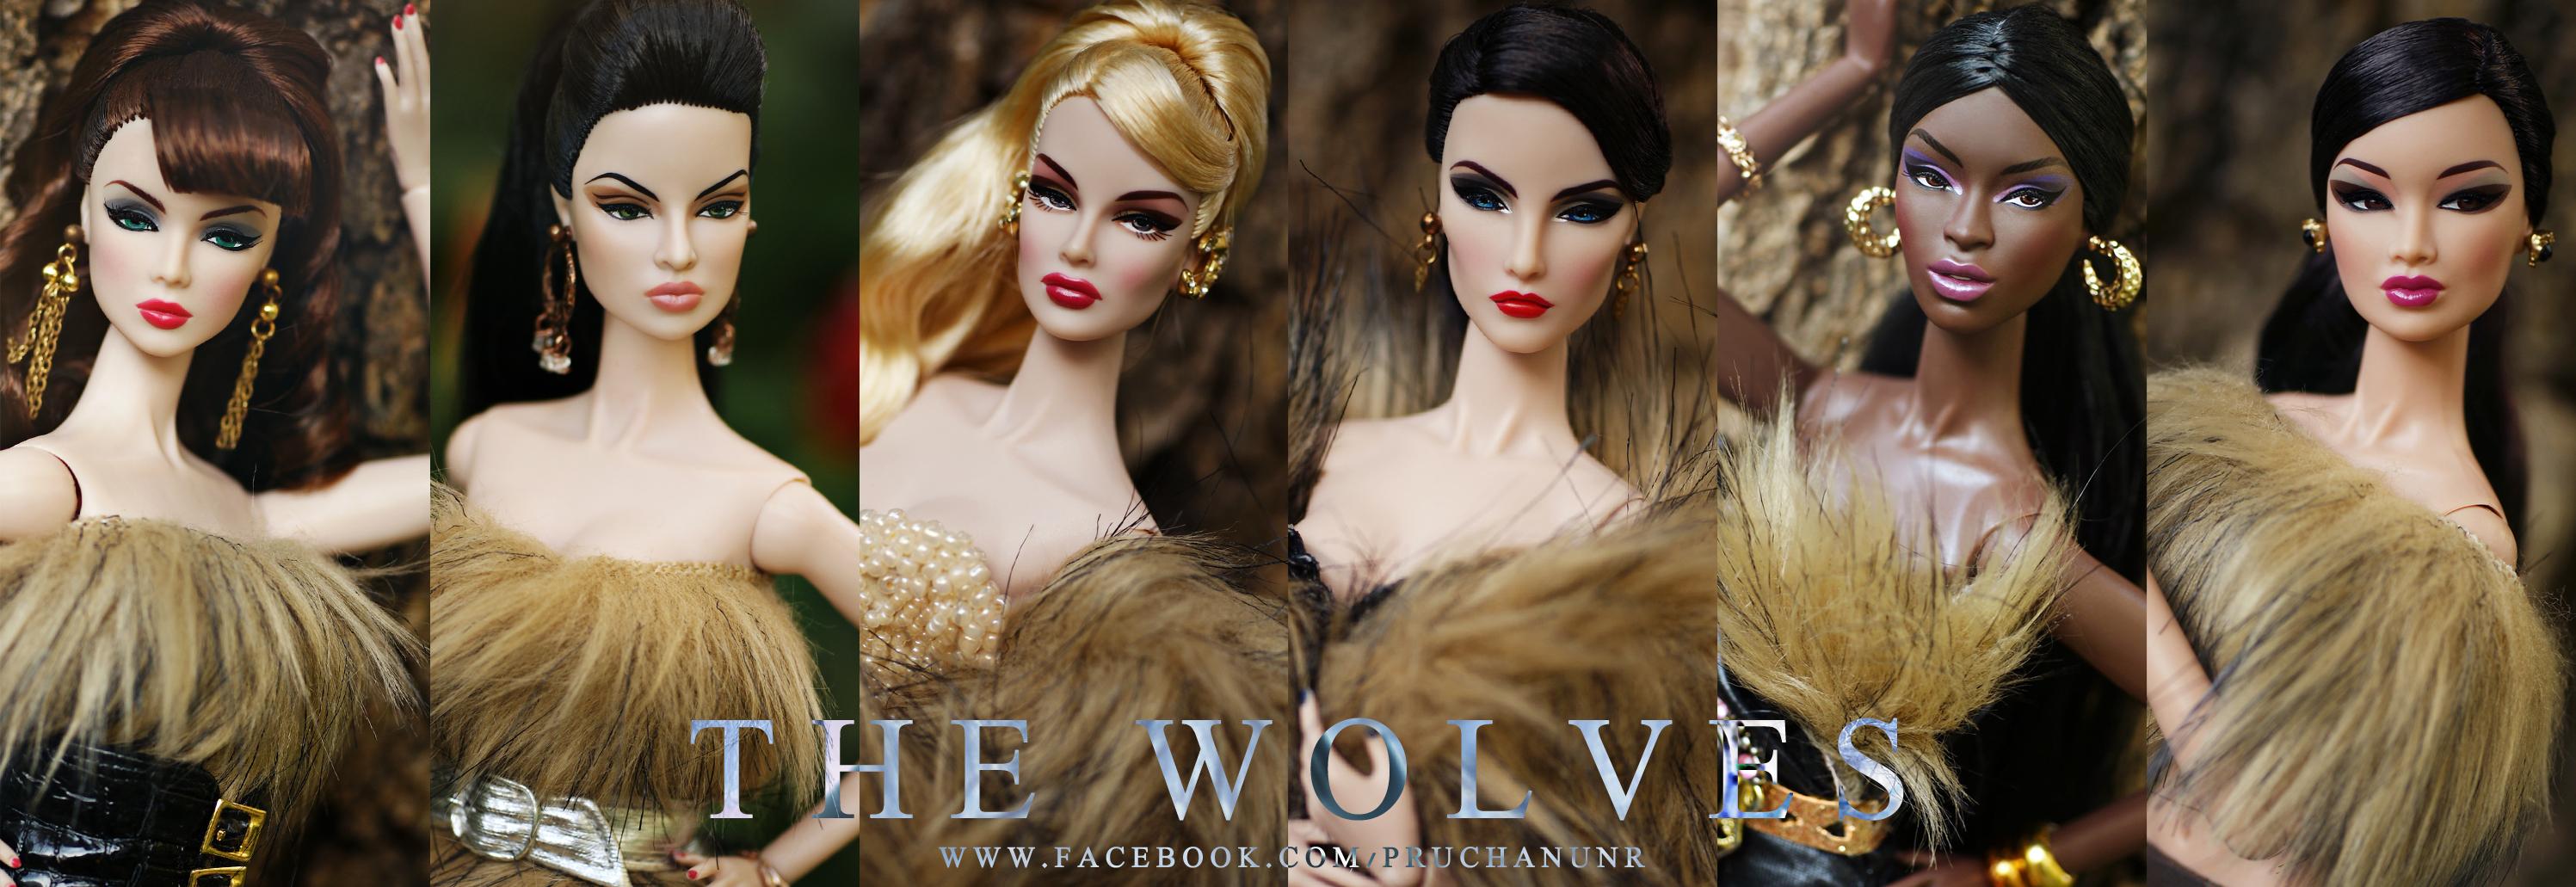 Hình nền : Jason, thời trang, Đồ chơi, búp bê, Elise, Eden, Agnes, Wu, Fr,  Hoàng tộc, Eugenia, chính trực, Nuface 2994x1031 - - 940870 - Hình nền đẹp  hd - WallHere